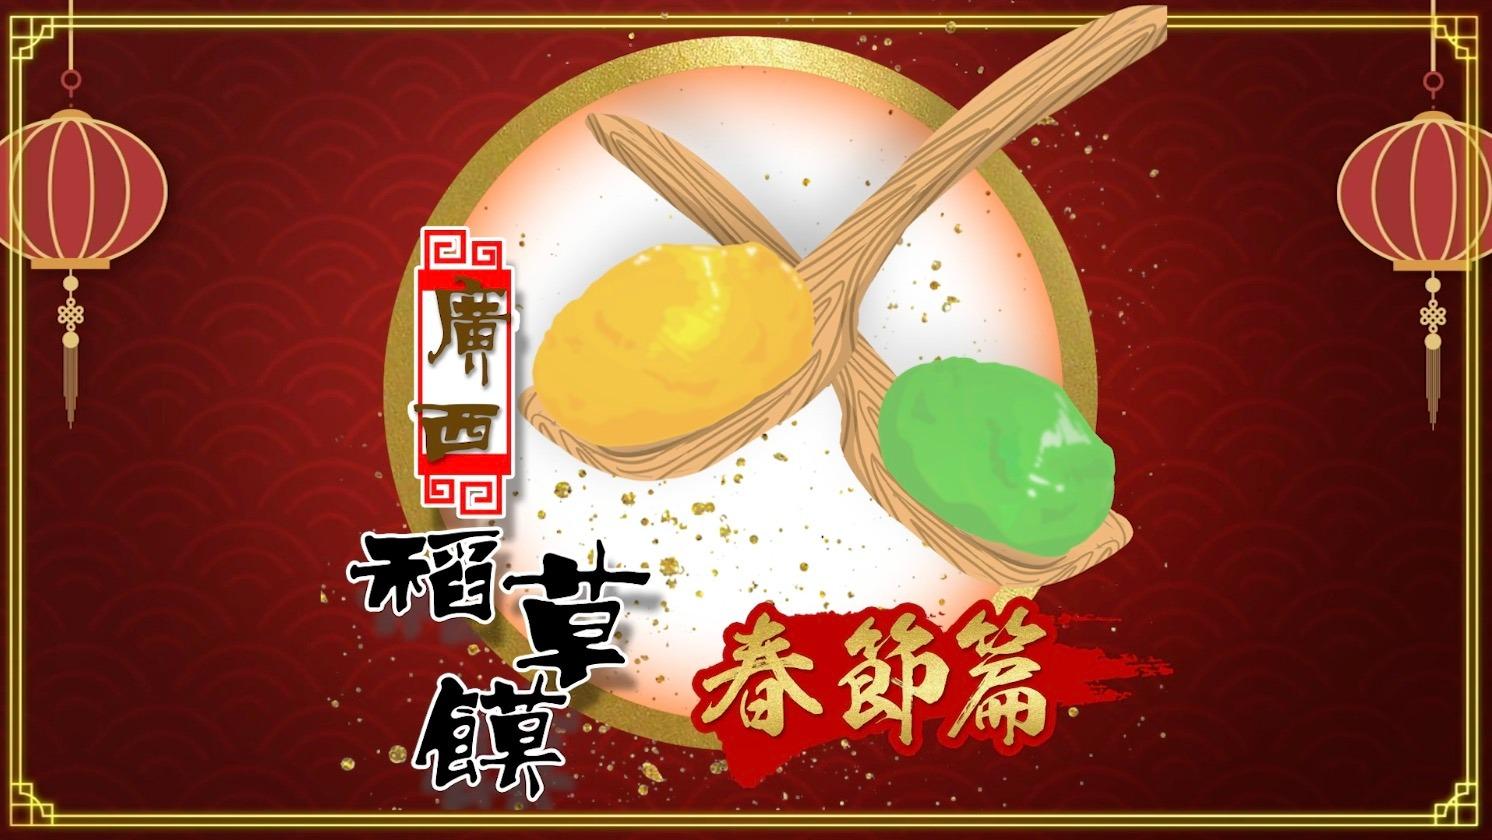 100種味道·新年篇|稻草燒成灰 饃要用水煮 最神秘的年味非它莫屬